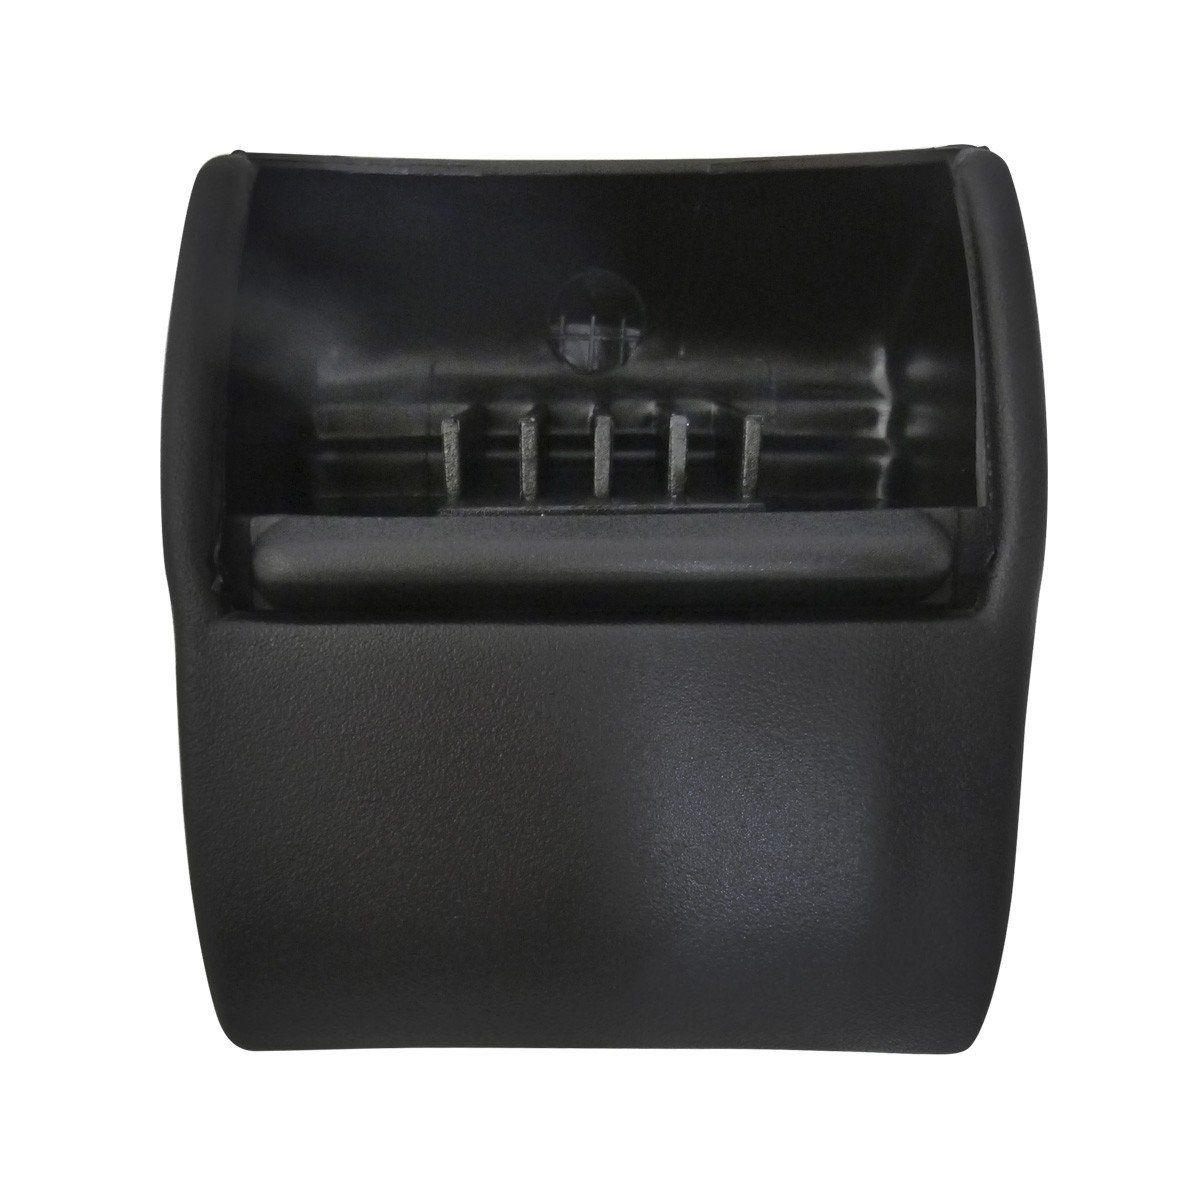 Porta Objeto e Moedas Console Central Uno Fiorino Furgão